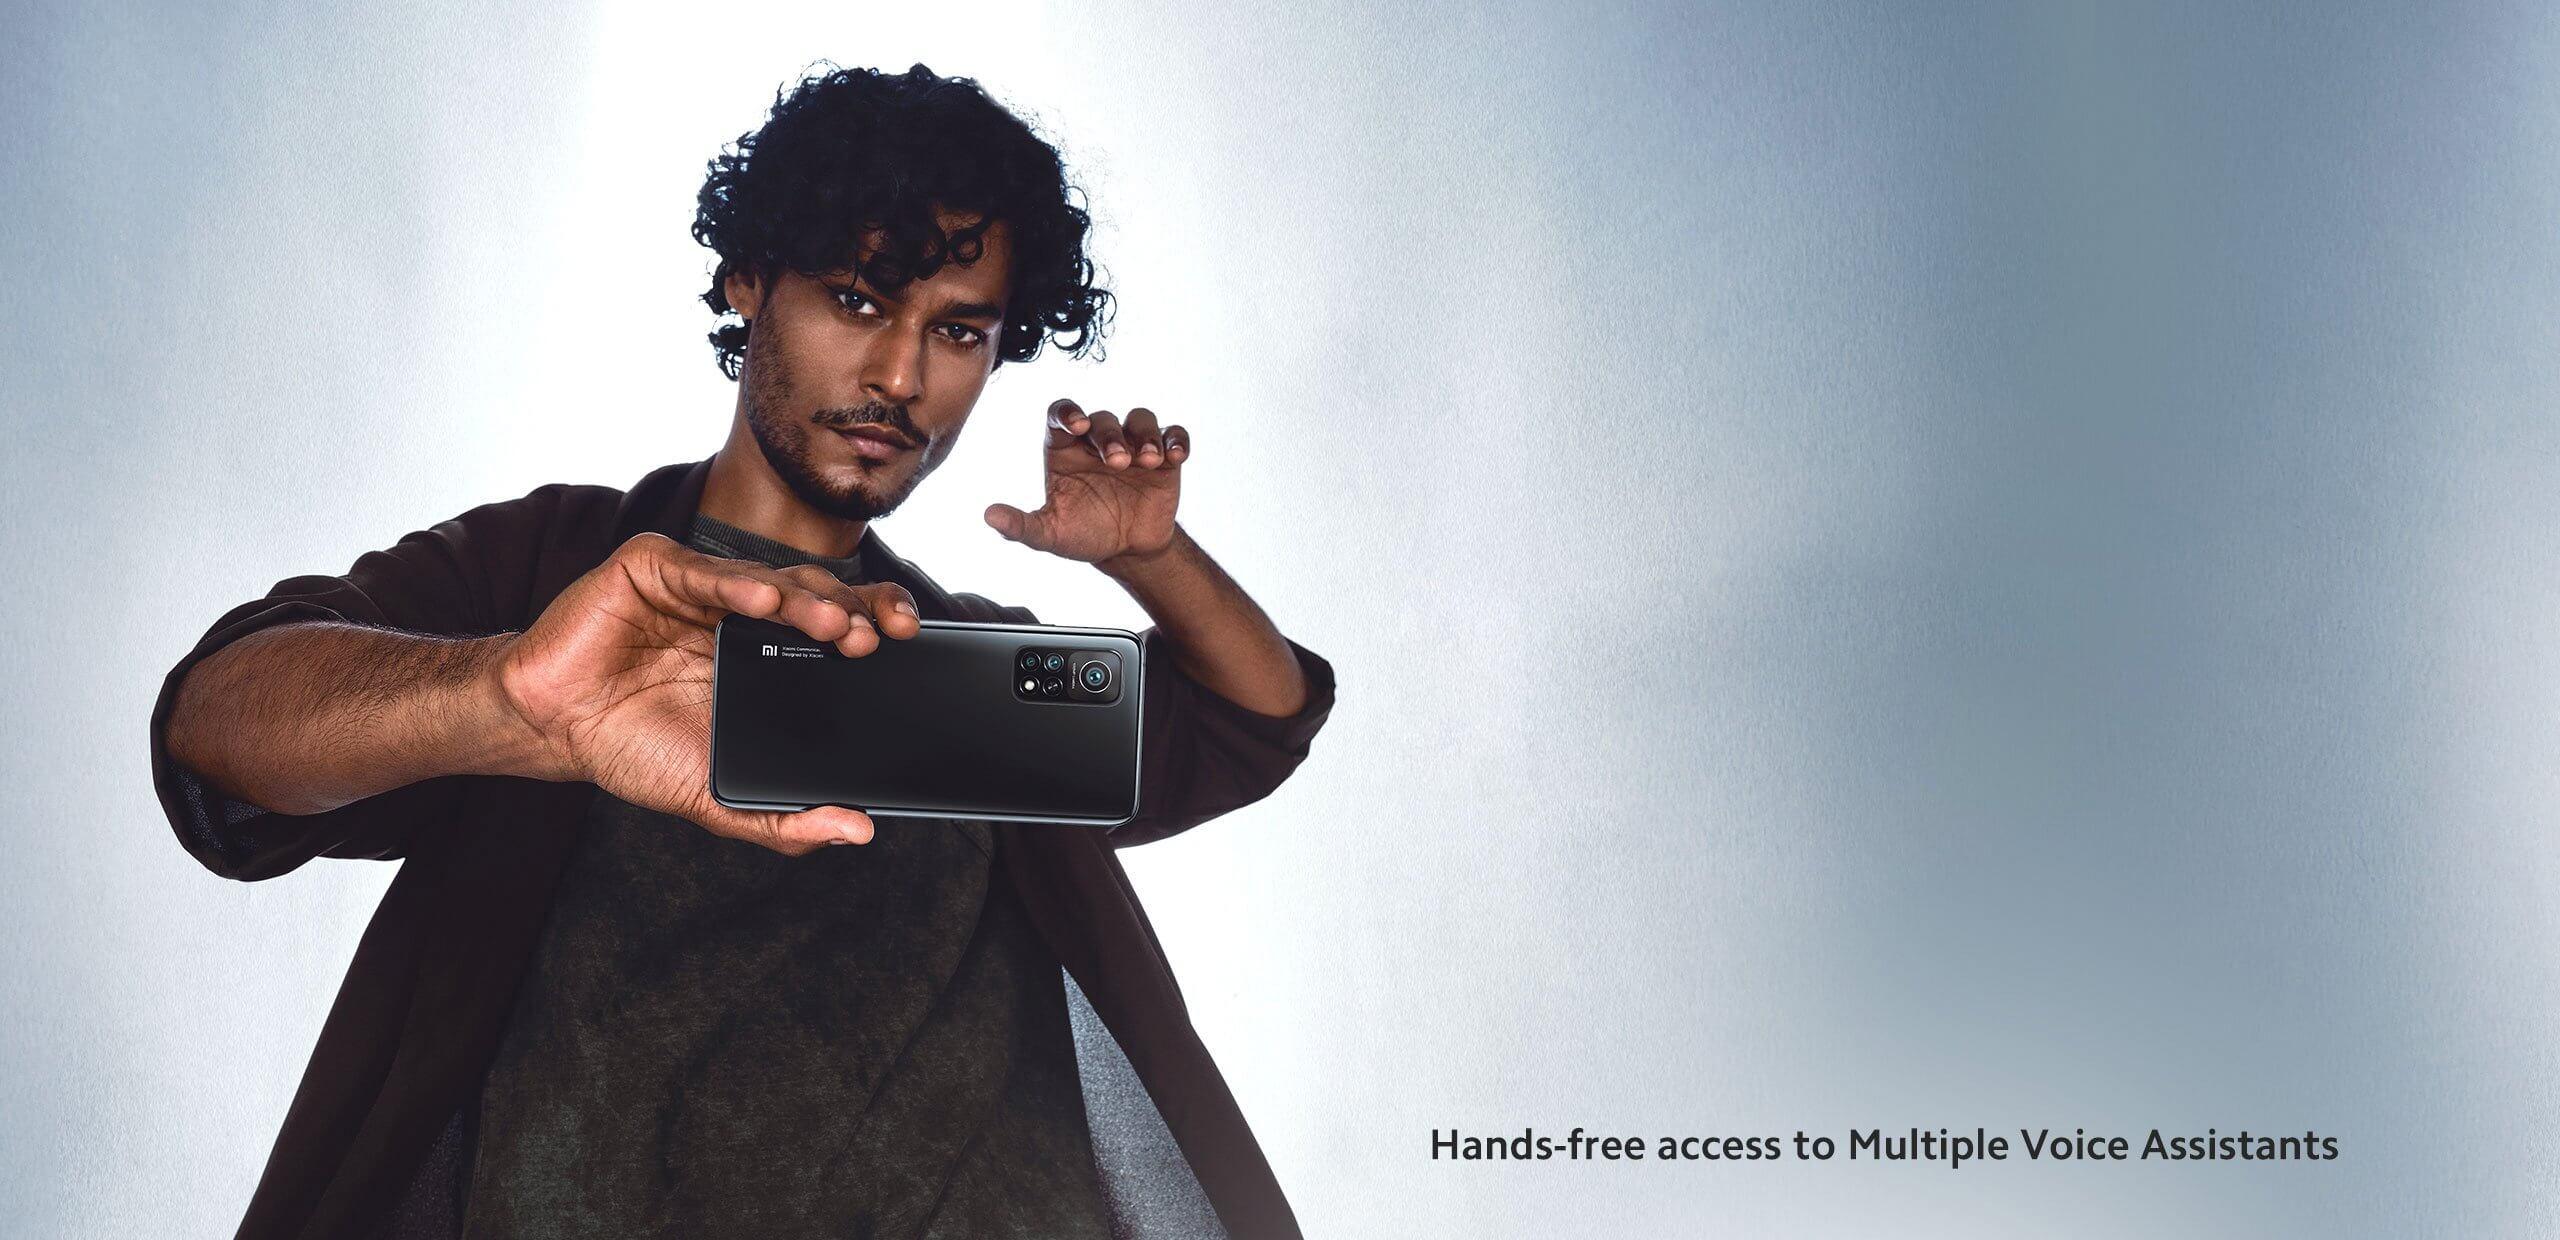 Mi 10T 5G mobile price in india